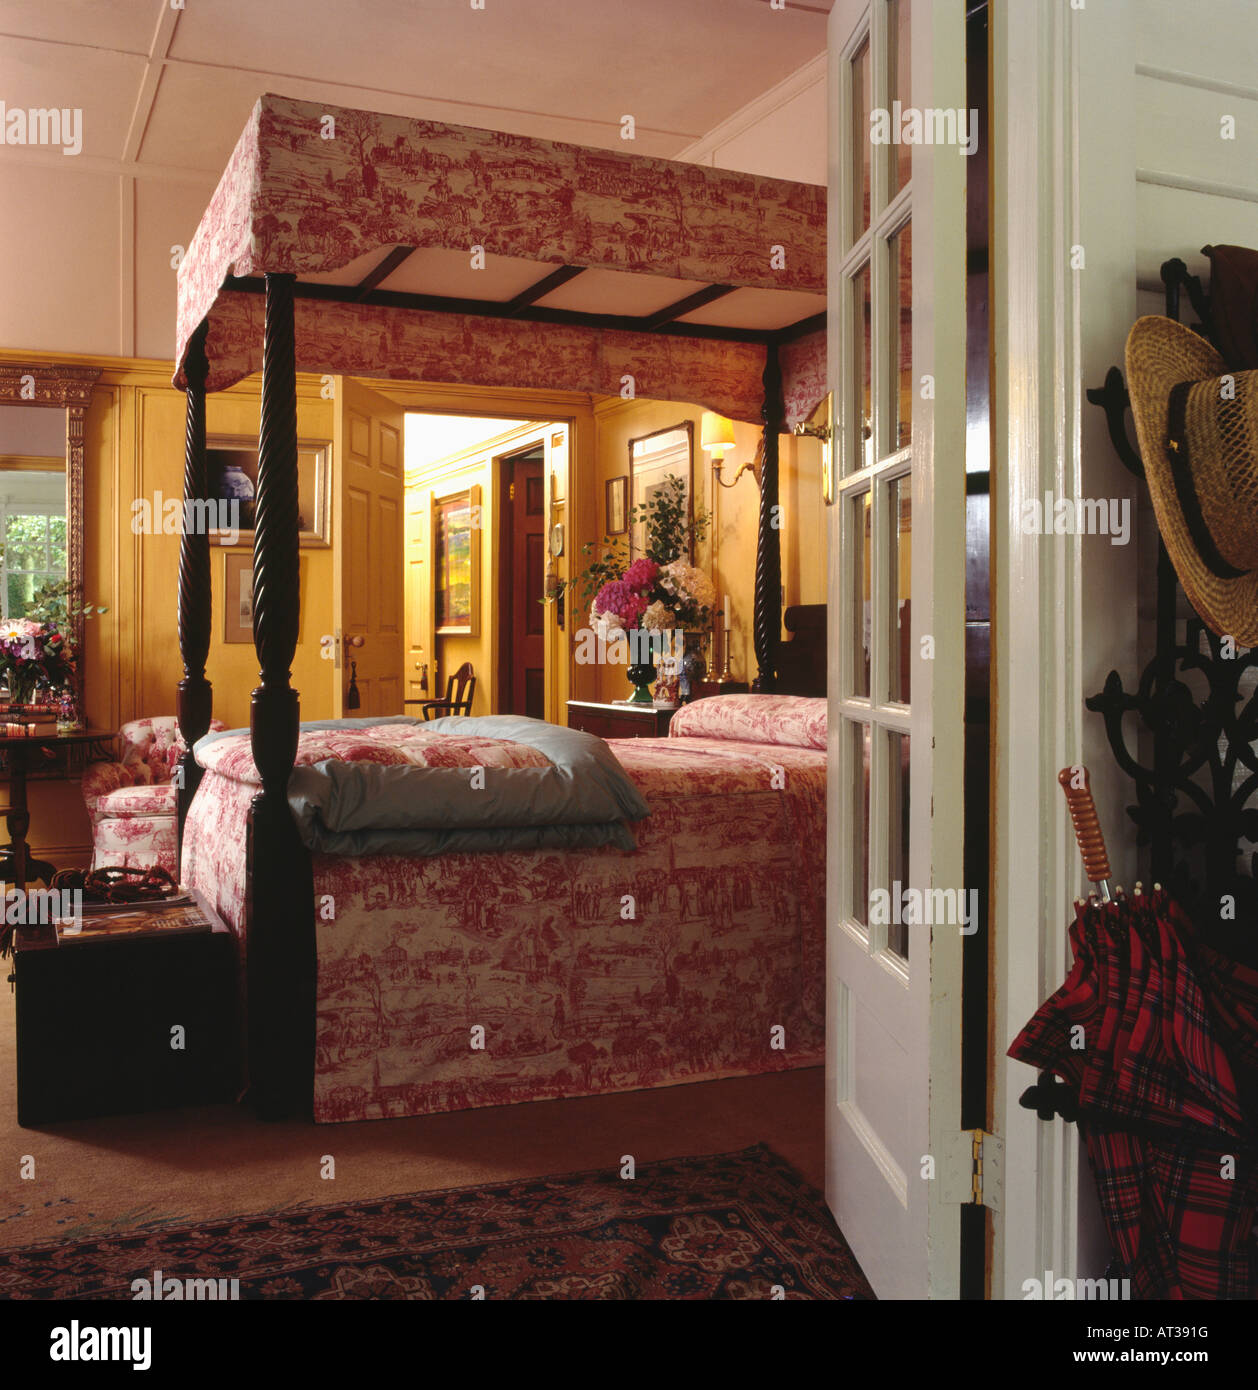 Schlafzimmer Tur Offnen #17: Tür Zu öffnen, Zu Land Schlafzimmer Mit Rot Weißen Toile De Jouy  Profilkranz Und Bettdecke Auf Antiken Schlafzimmereinrichtungen Bett